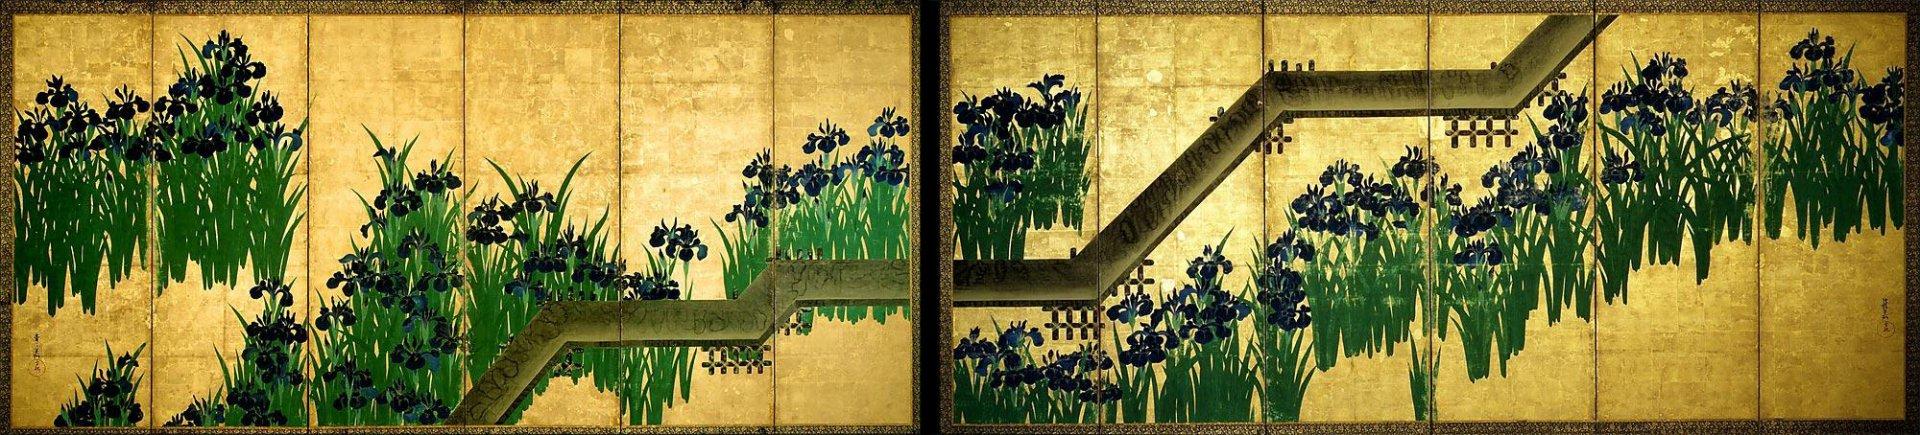 yatsuhashi-zu_by_bu_by_k_rin_ogata_(171-14)1355030858394.jpg